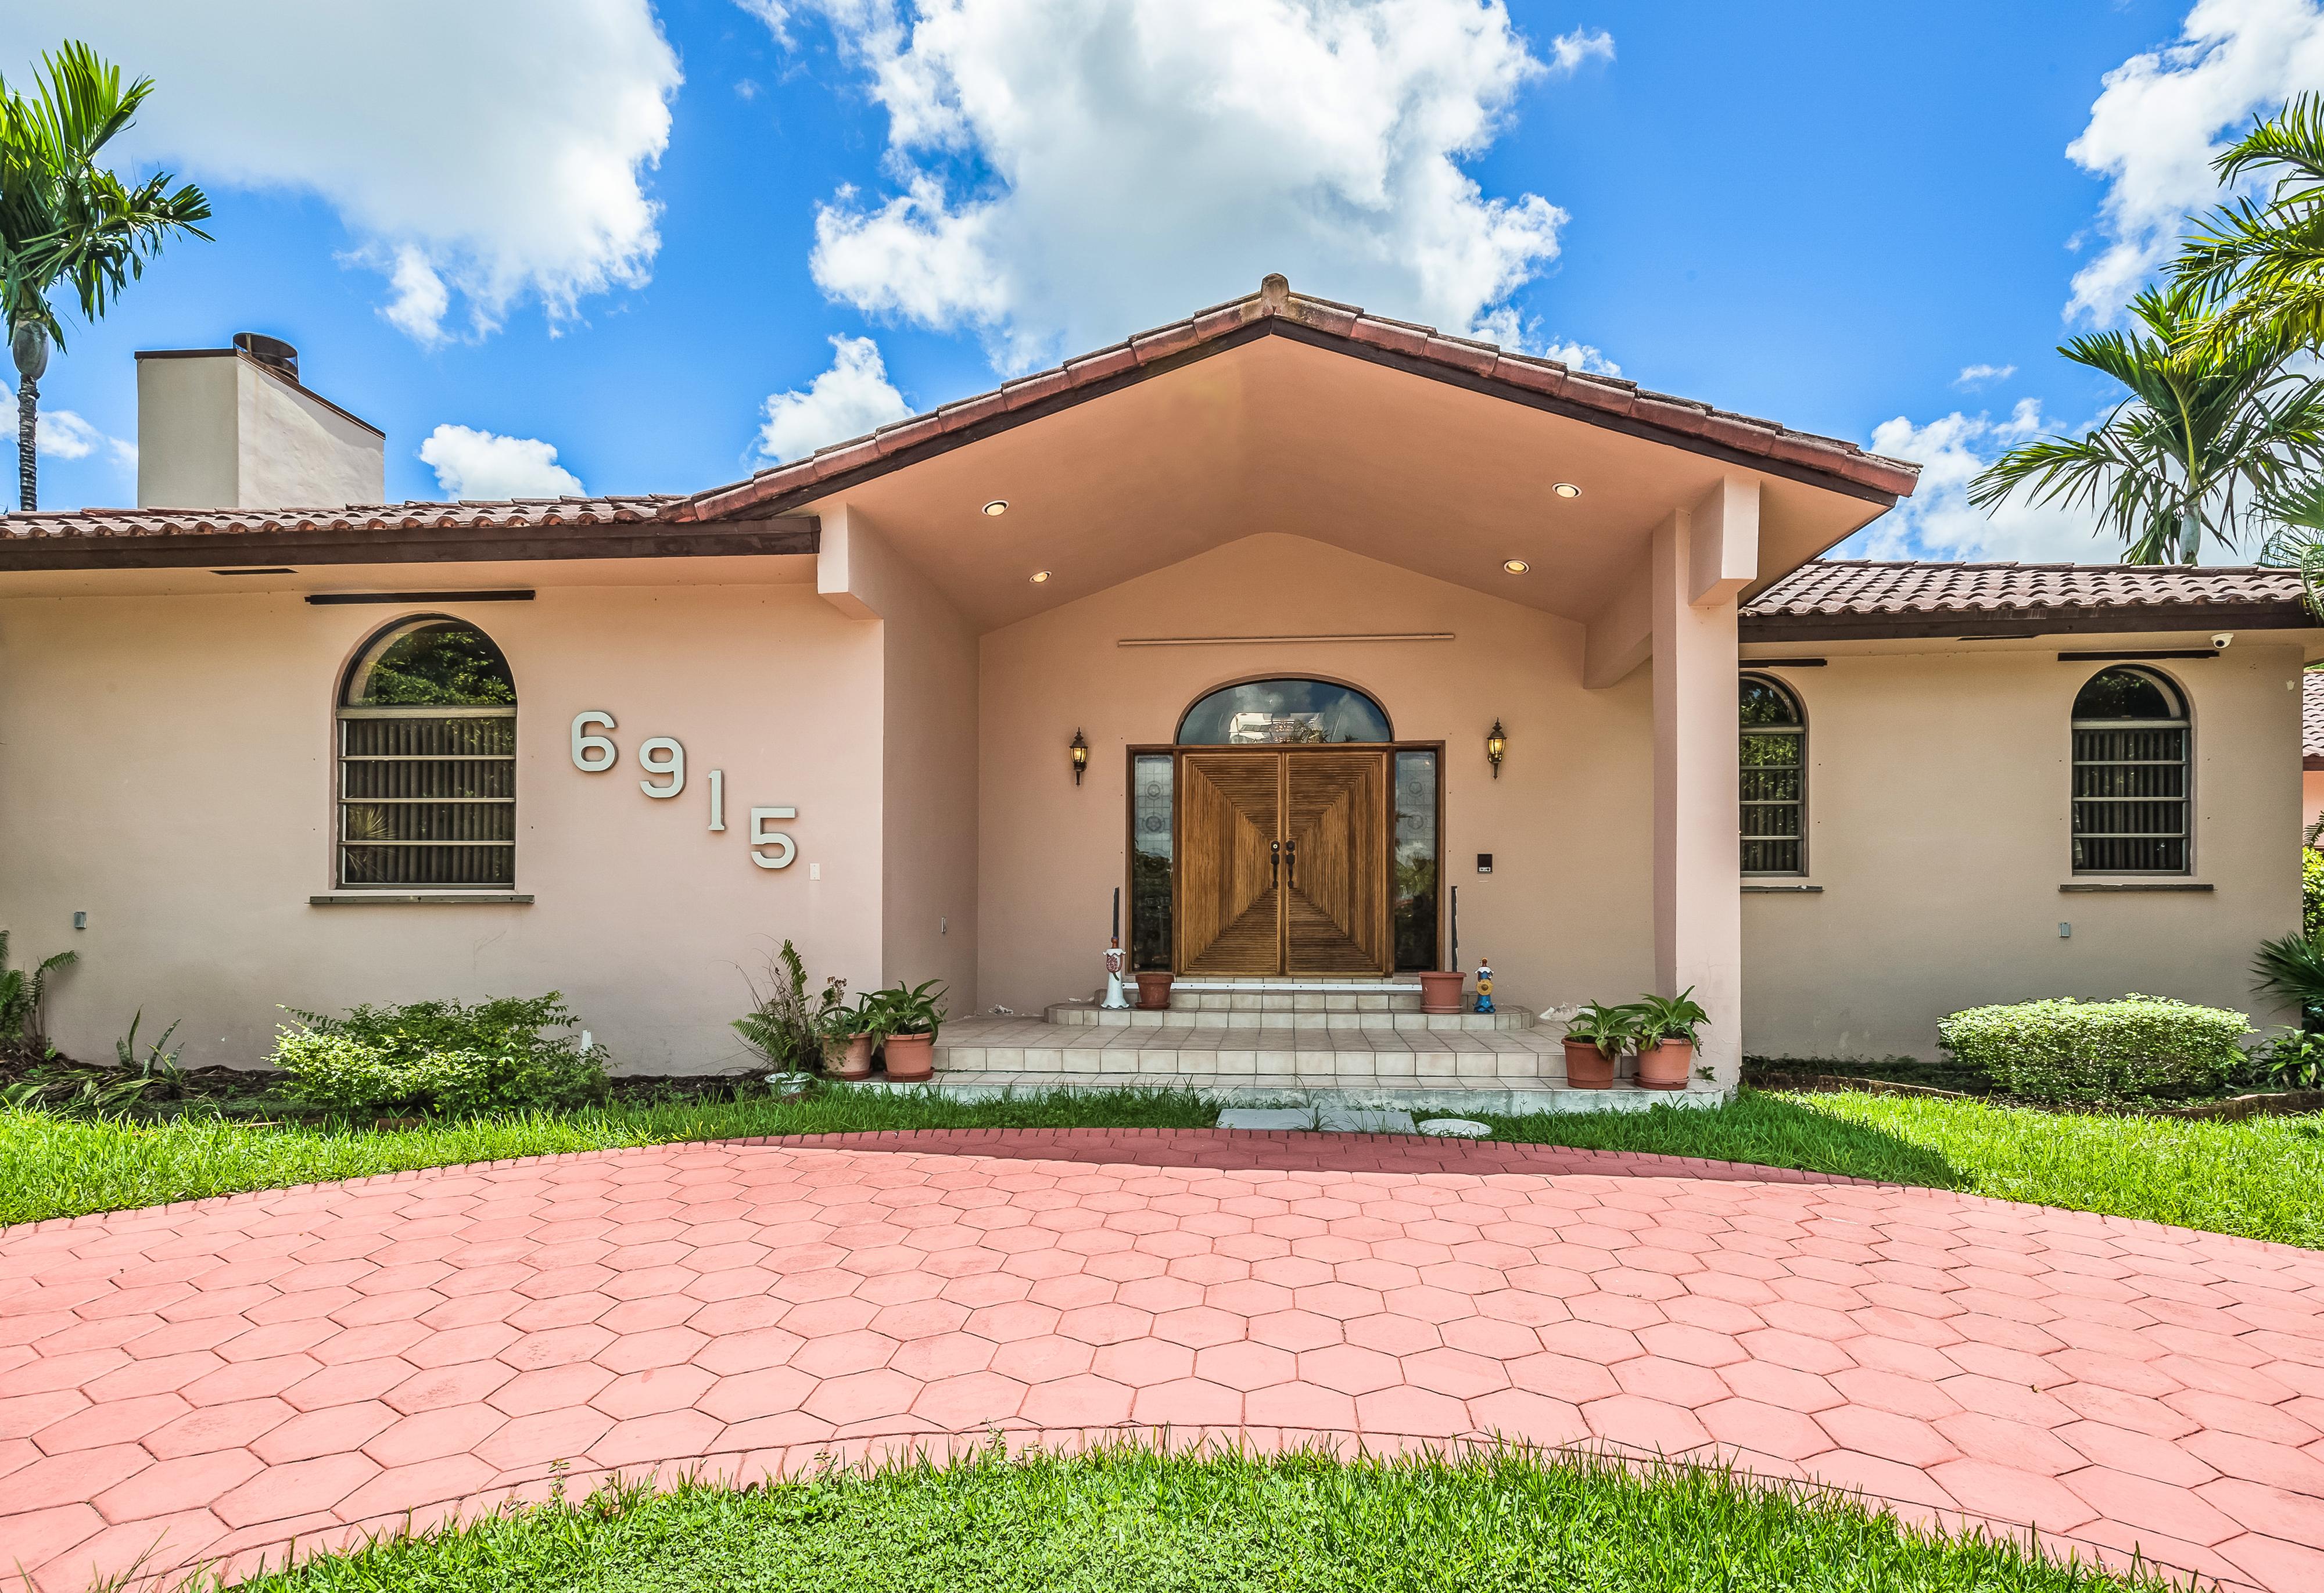 Einfamilienhaus für Verkauf beim 6915 Sw 92nd Ct Miami, Florida, 33173 Vereinigte Staaten